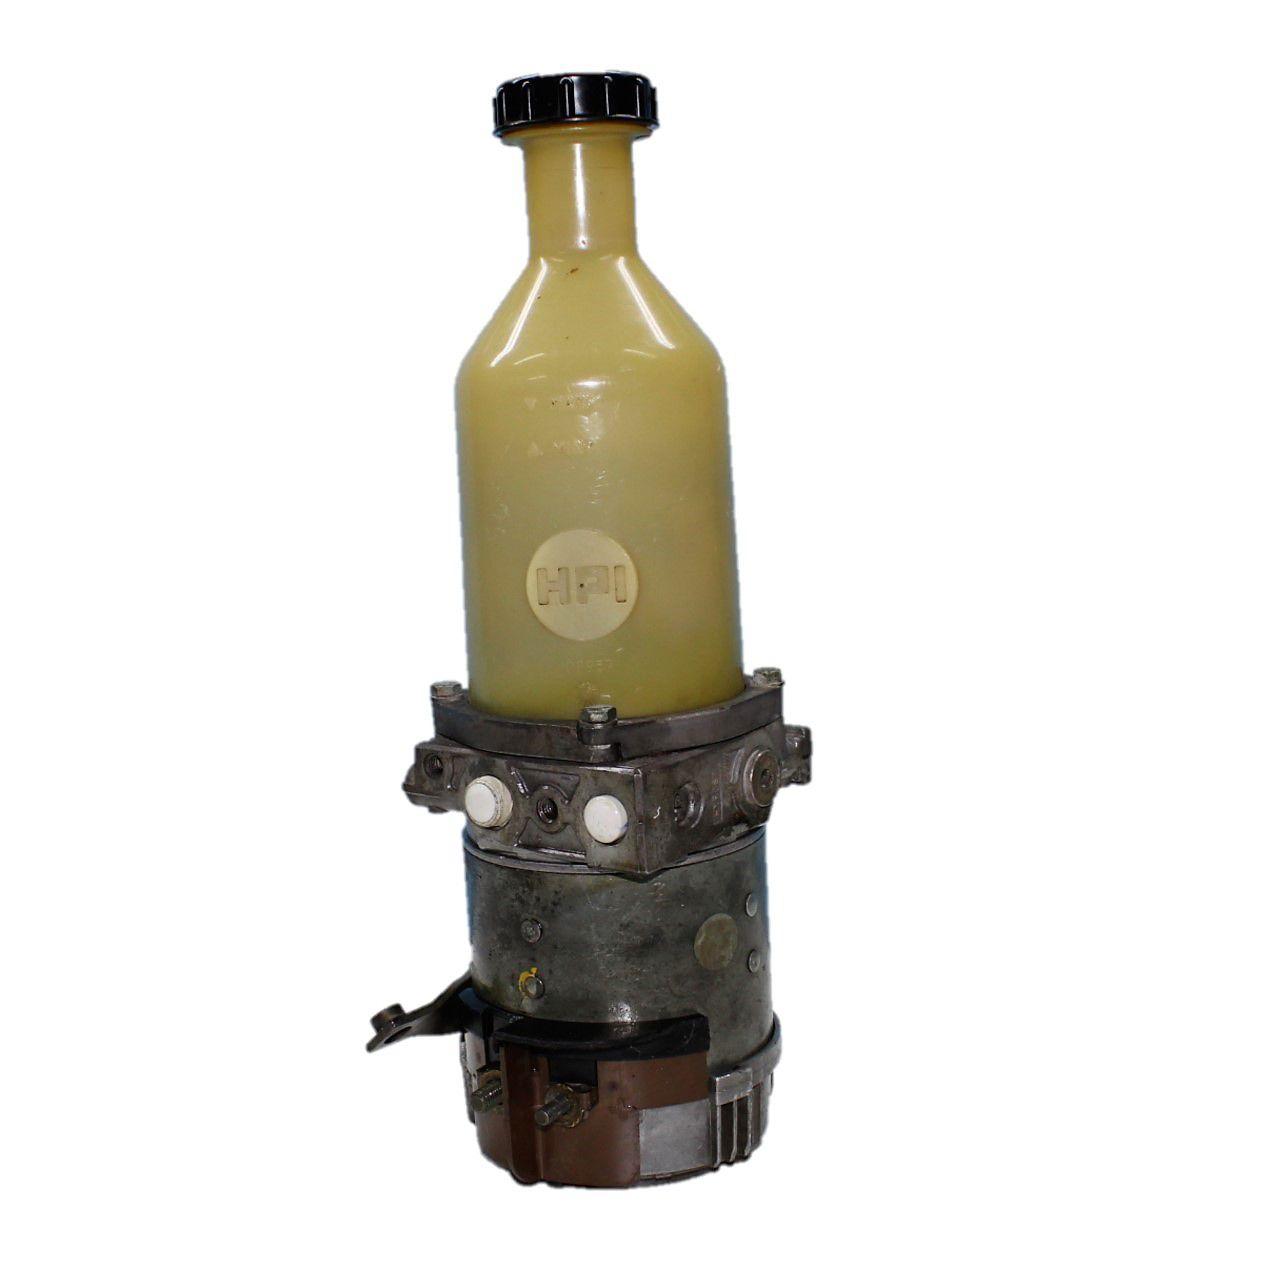 Bomba Direção Eletro-Hidráulica Clio 95..98 - Recondicionada